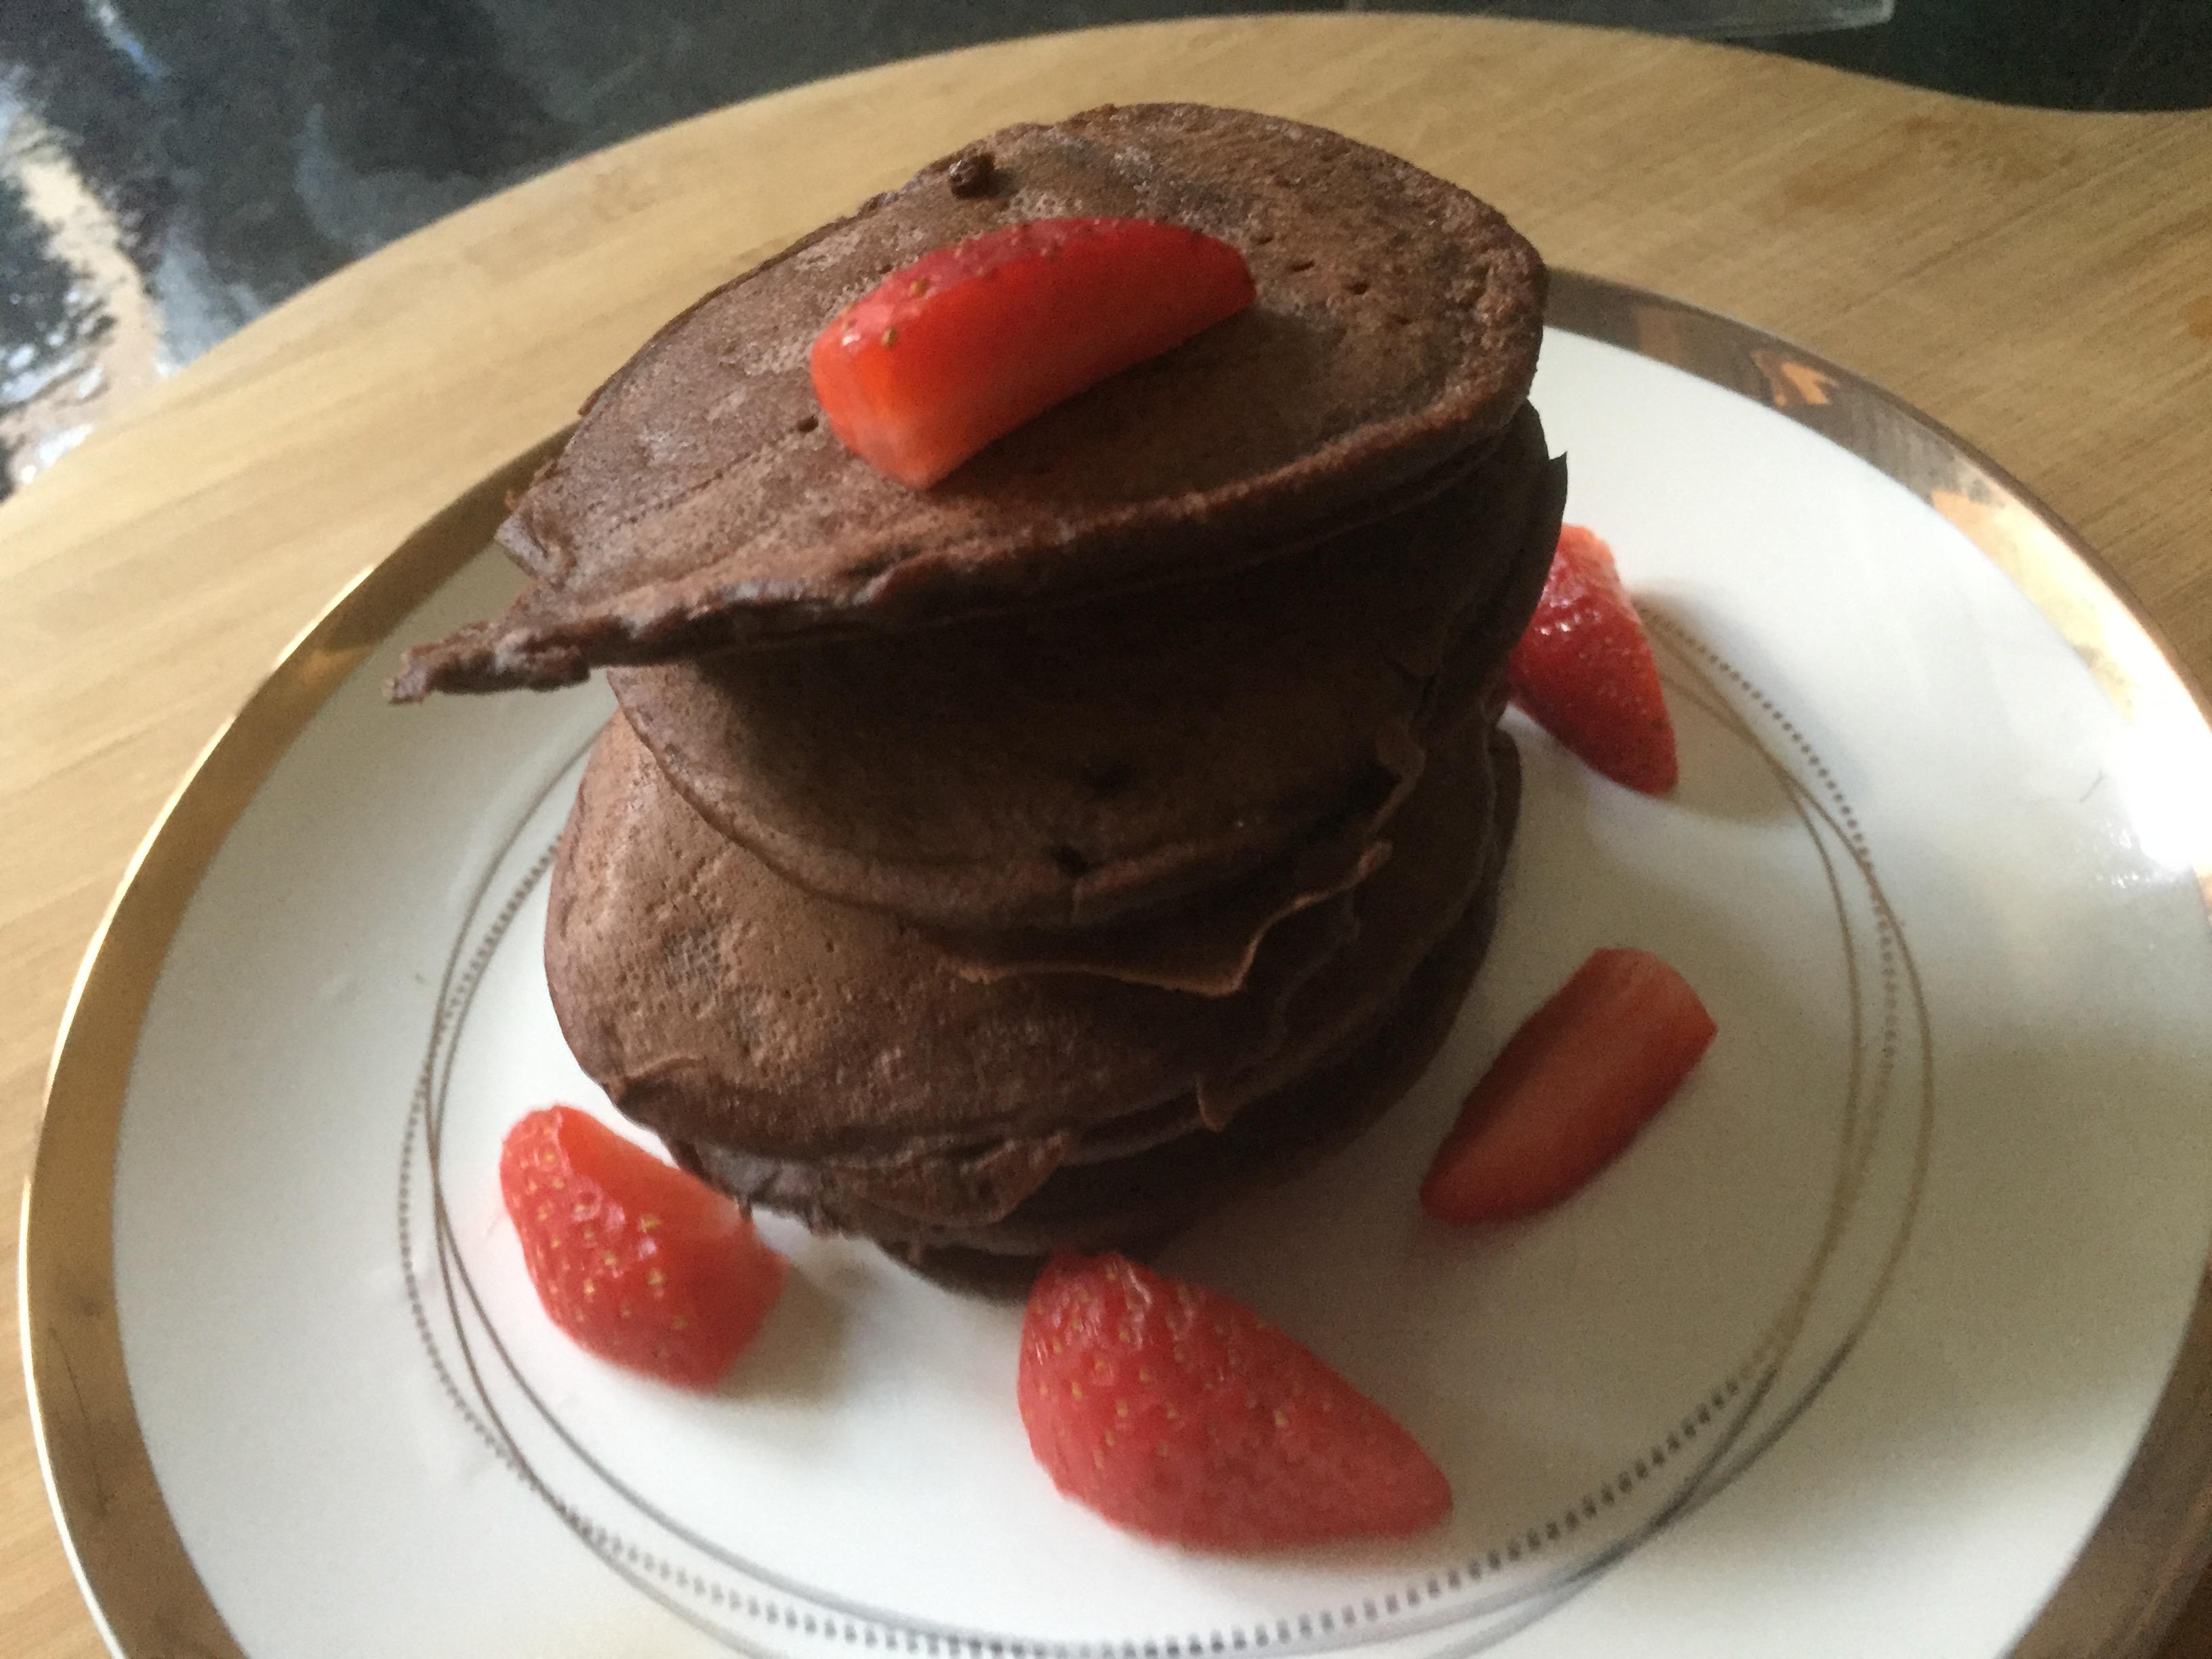 Buckwheat & banana chocolate pancakes (gluten-free, dairy-free)